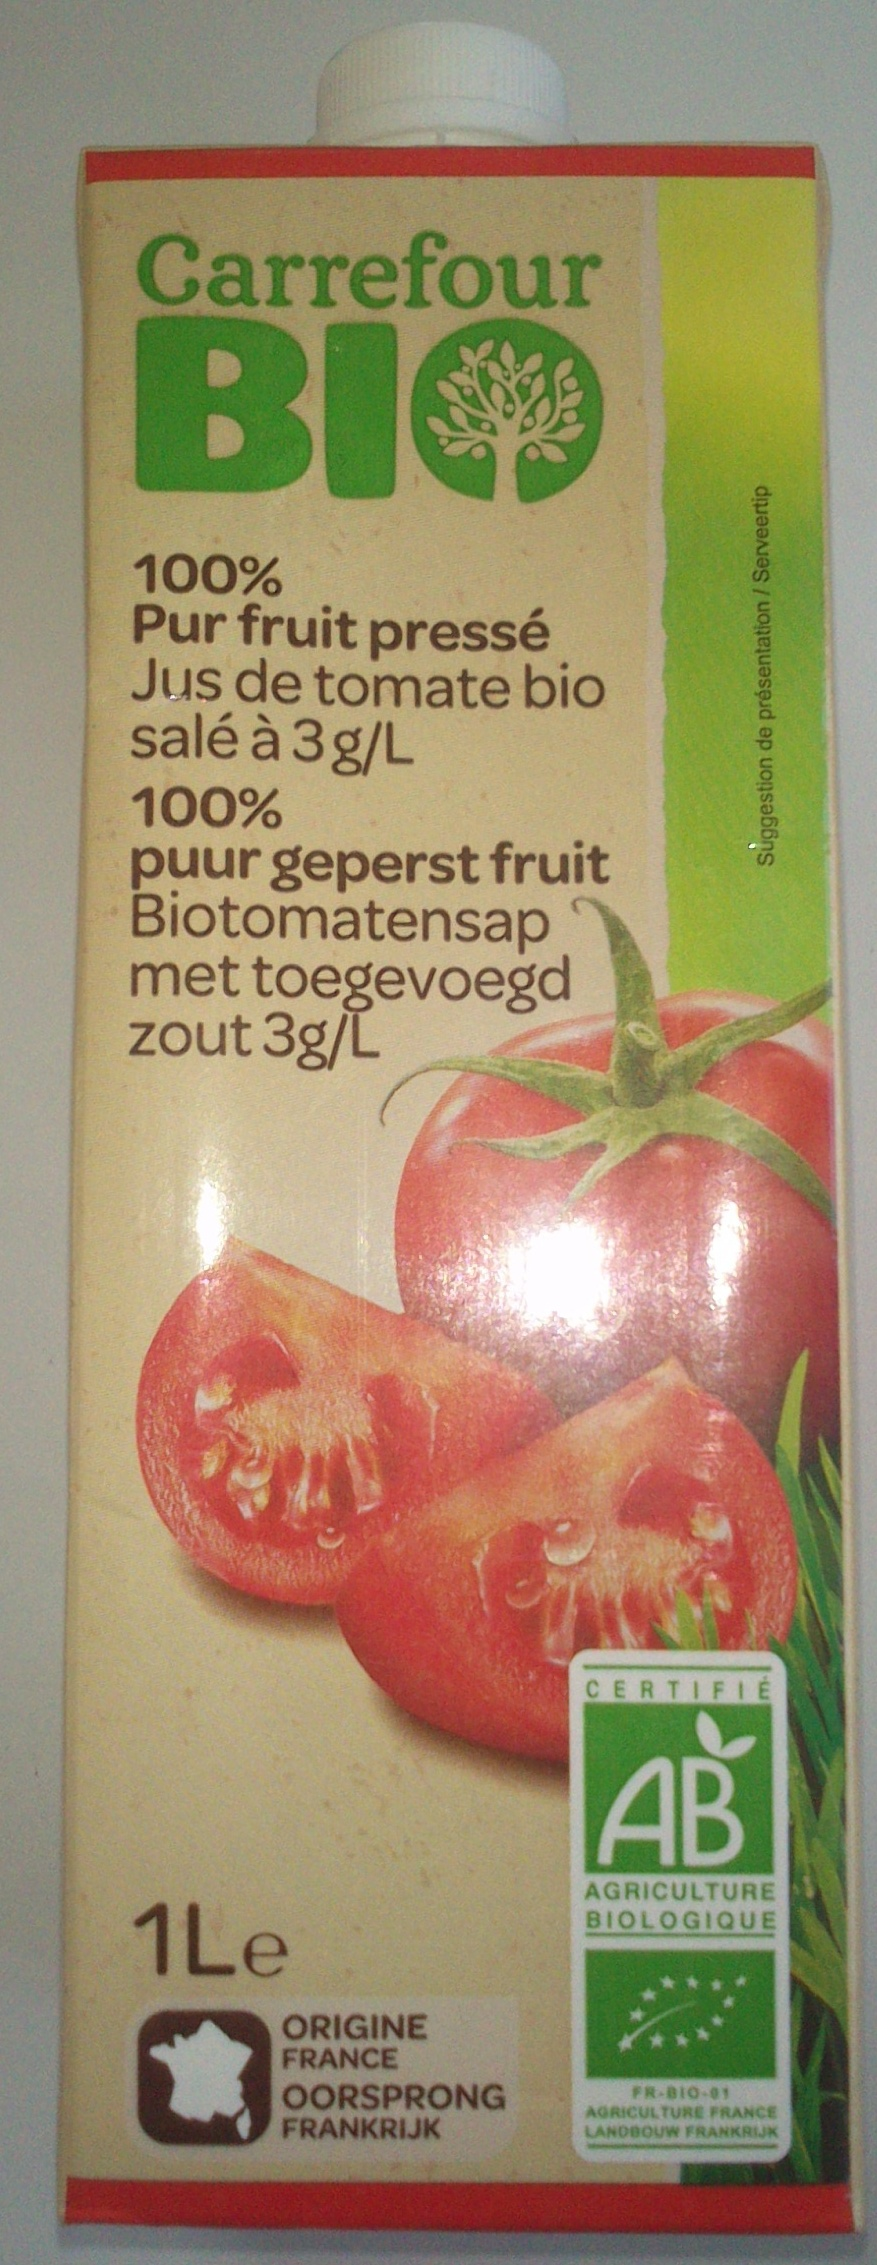 100 % Pur fruit pressé, Jus de tomate bio salé à 3 g/l - Product - fr